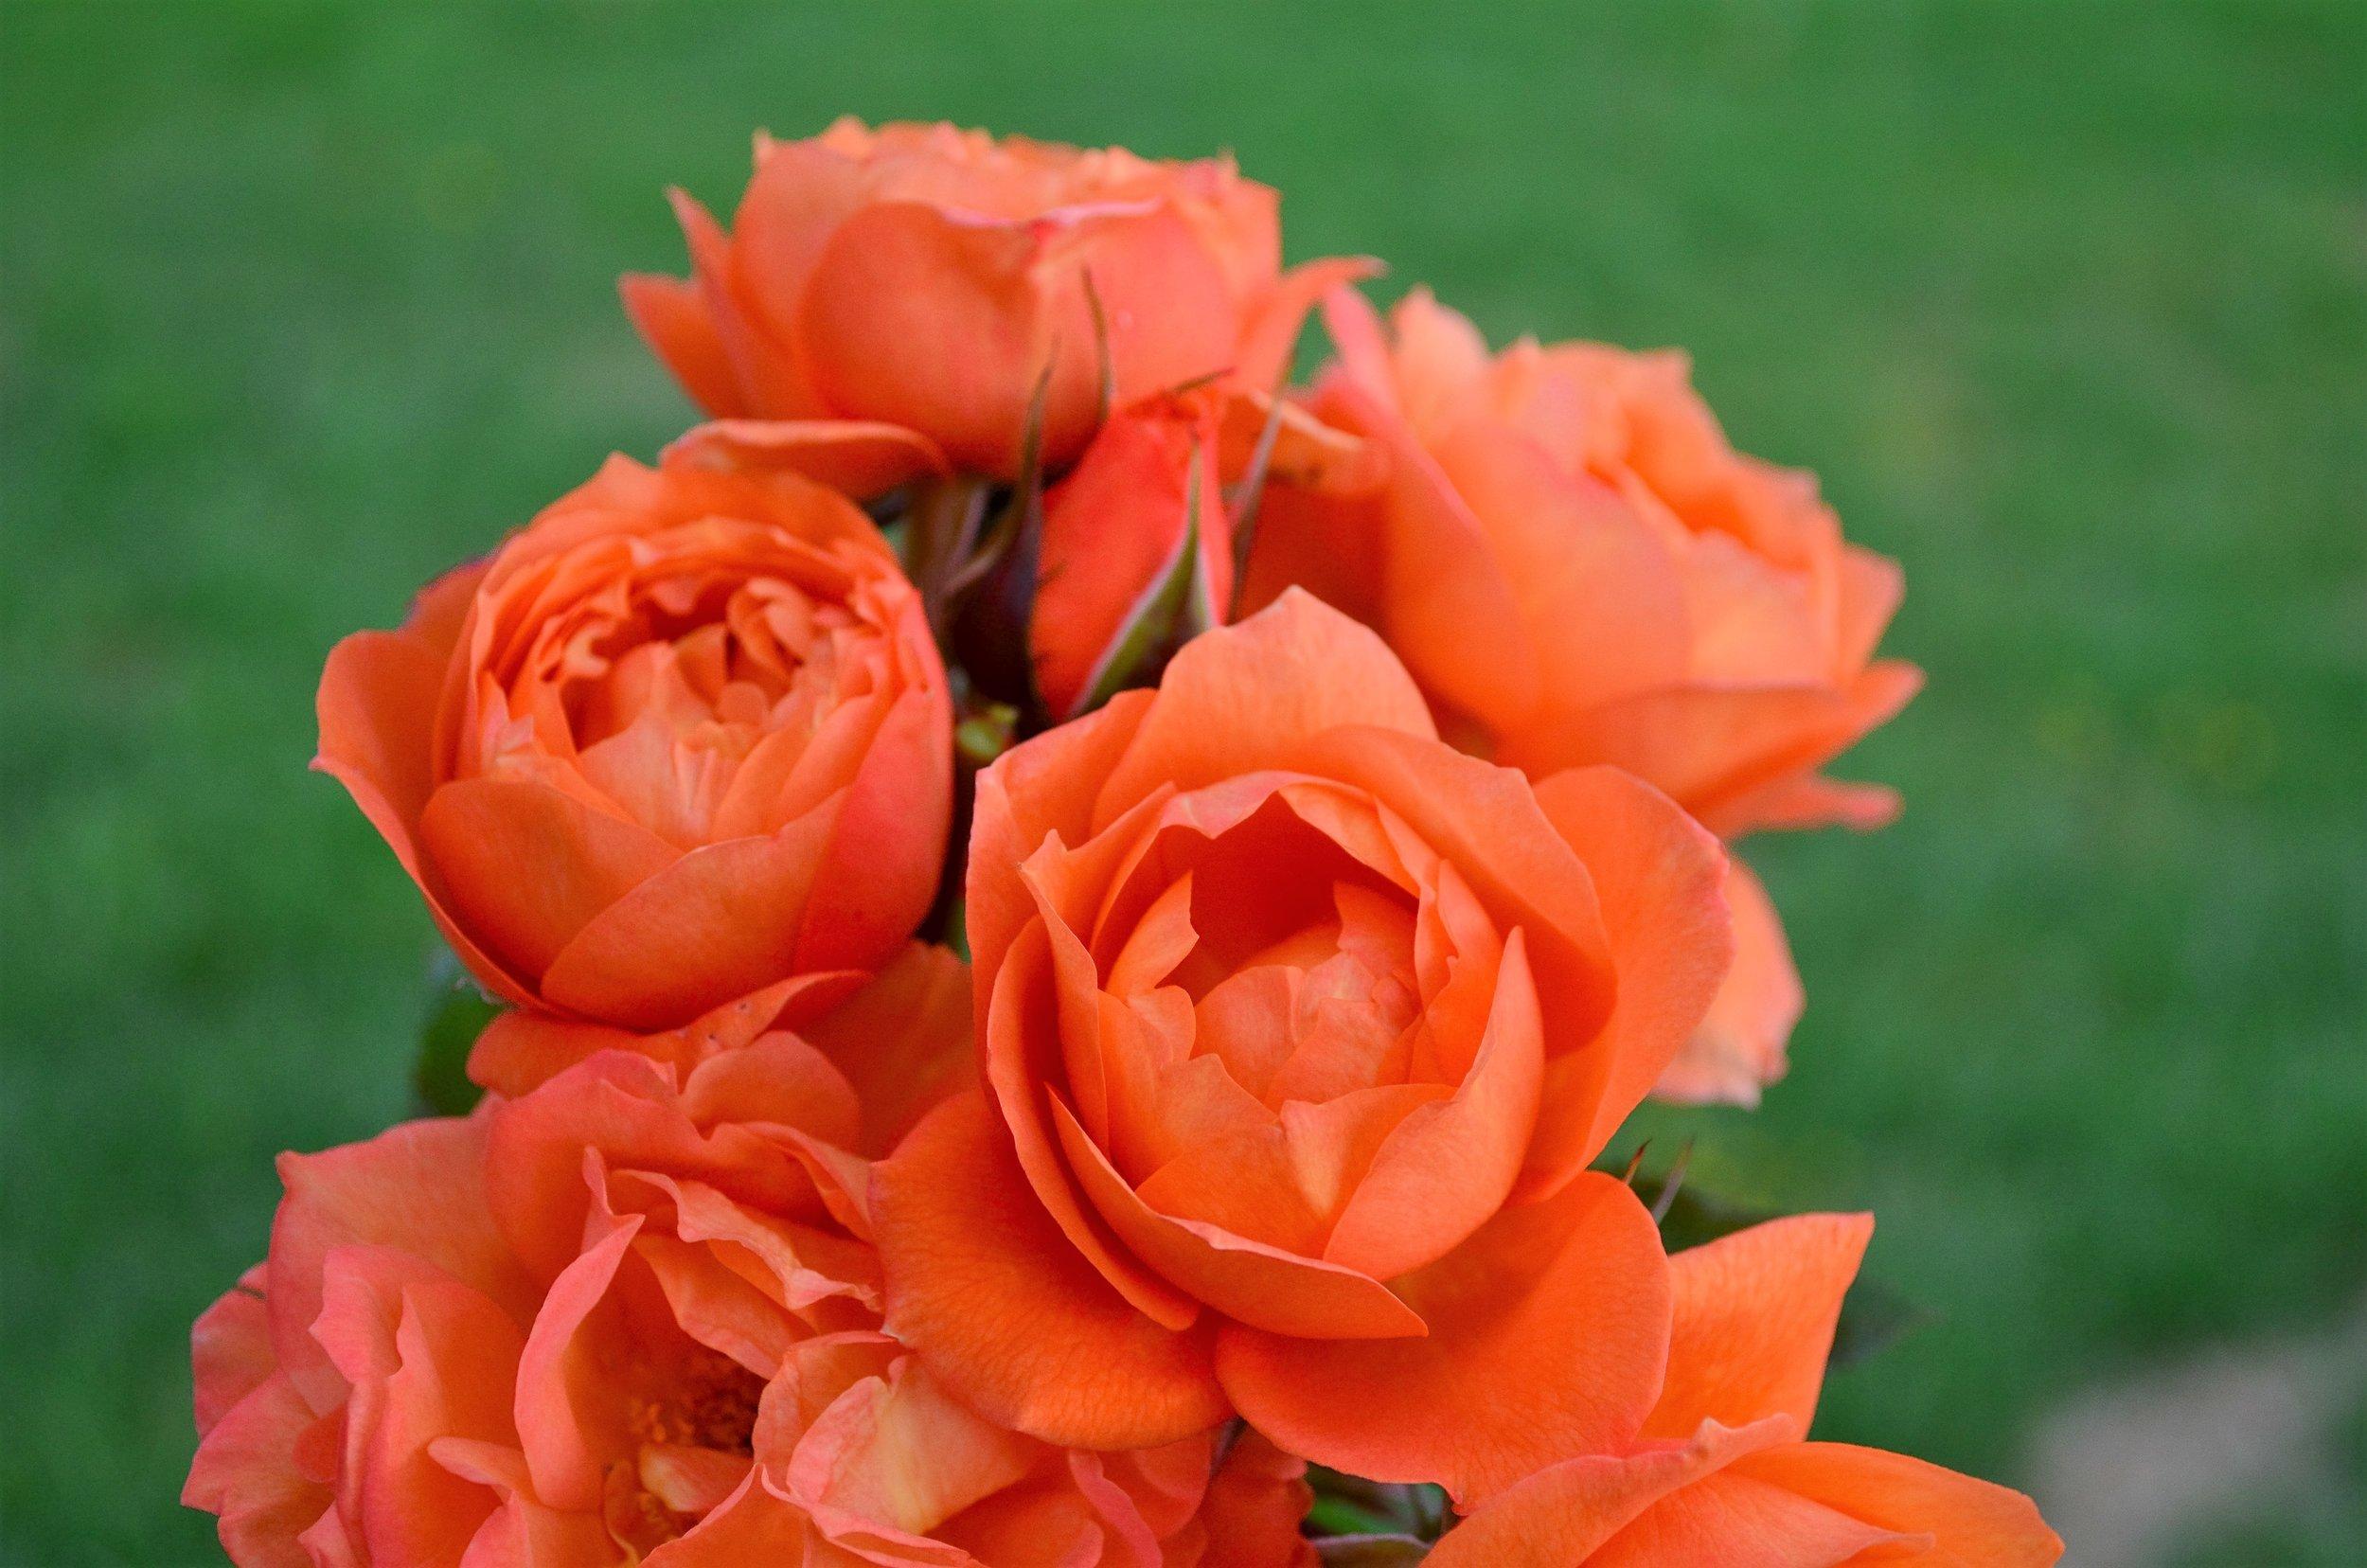 Rose #12